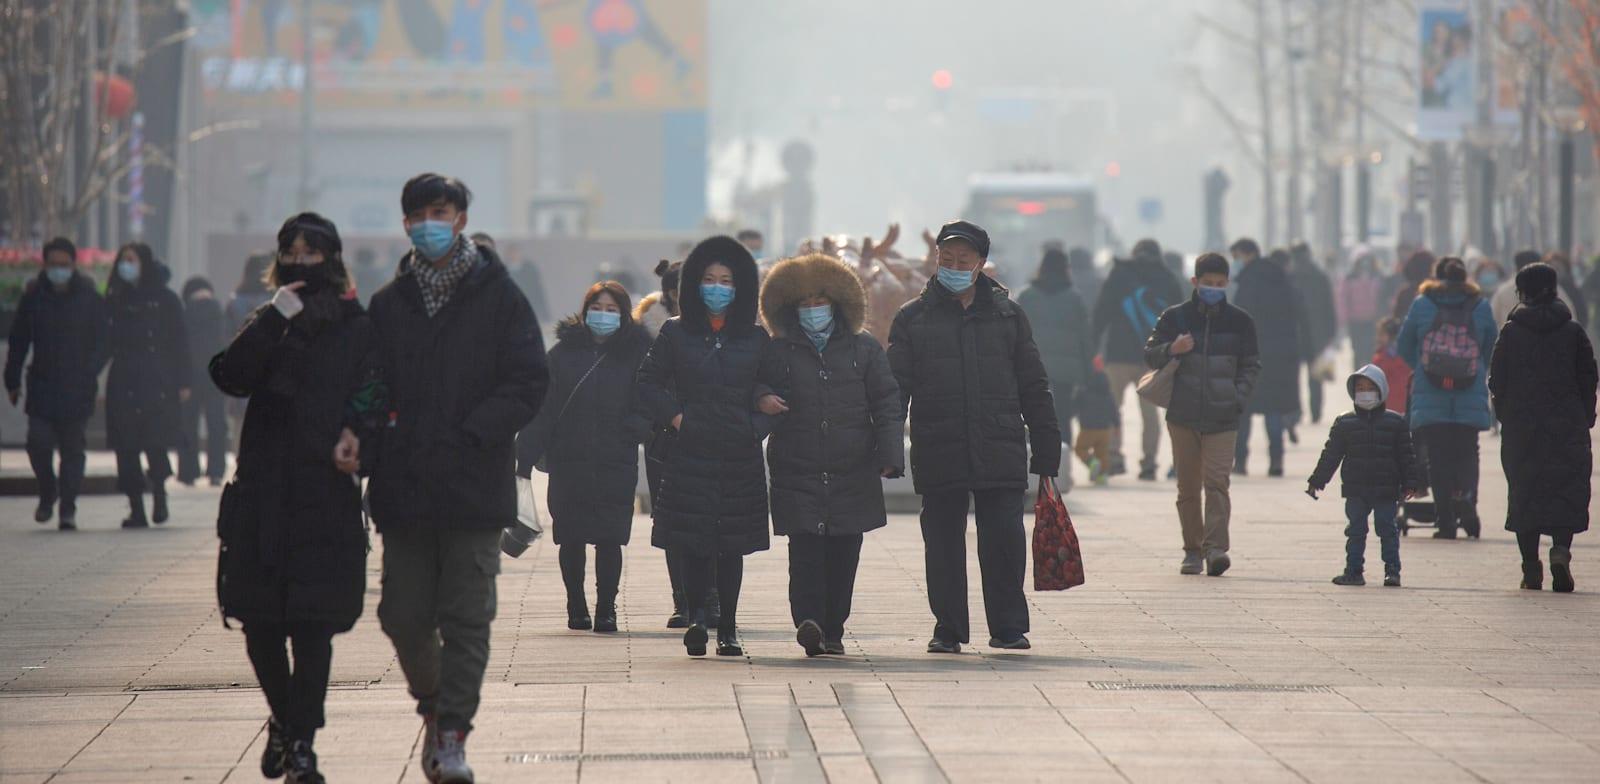 סין חזרה לשגרה ומשכה השקעות זרות, בעוד העולם עדיין מתמודד חולי ומוות, סגרים ועסקים קורסים / צילום: Associated Press, Mark Schiefelbein